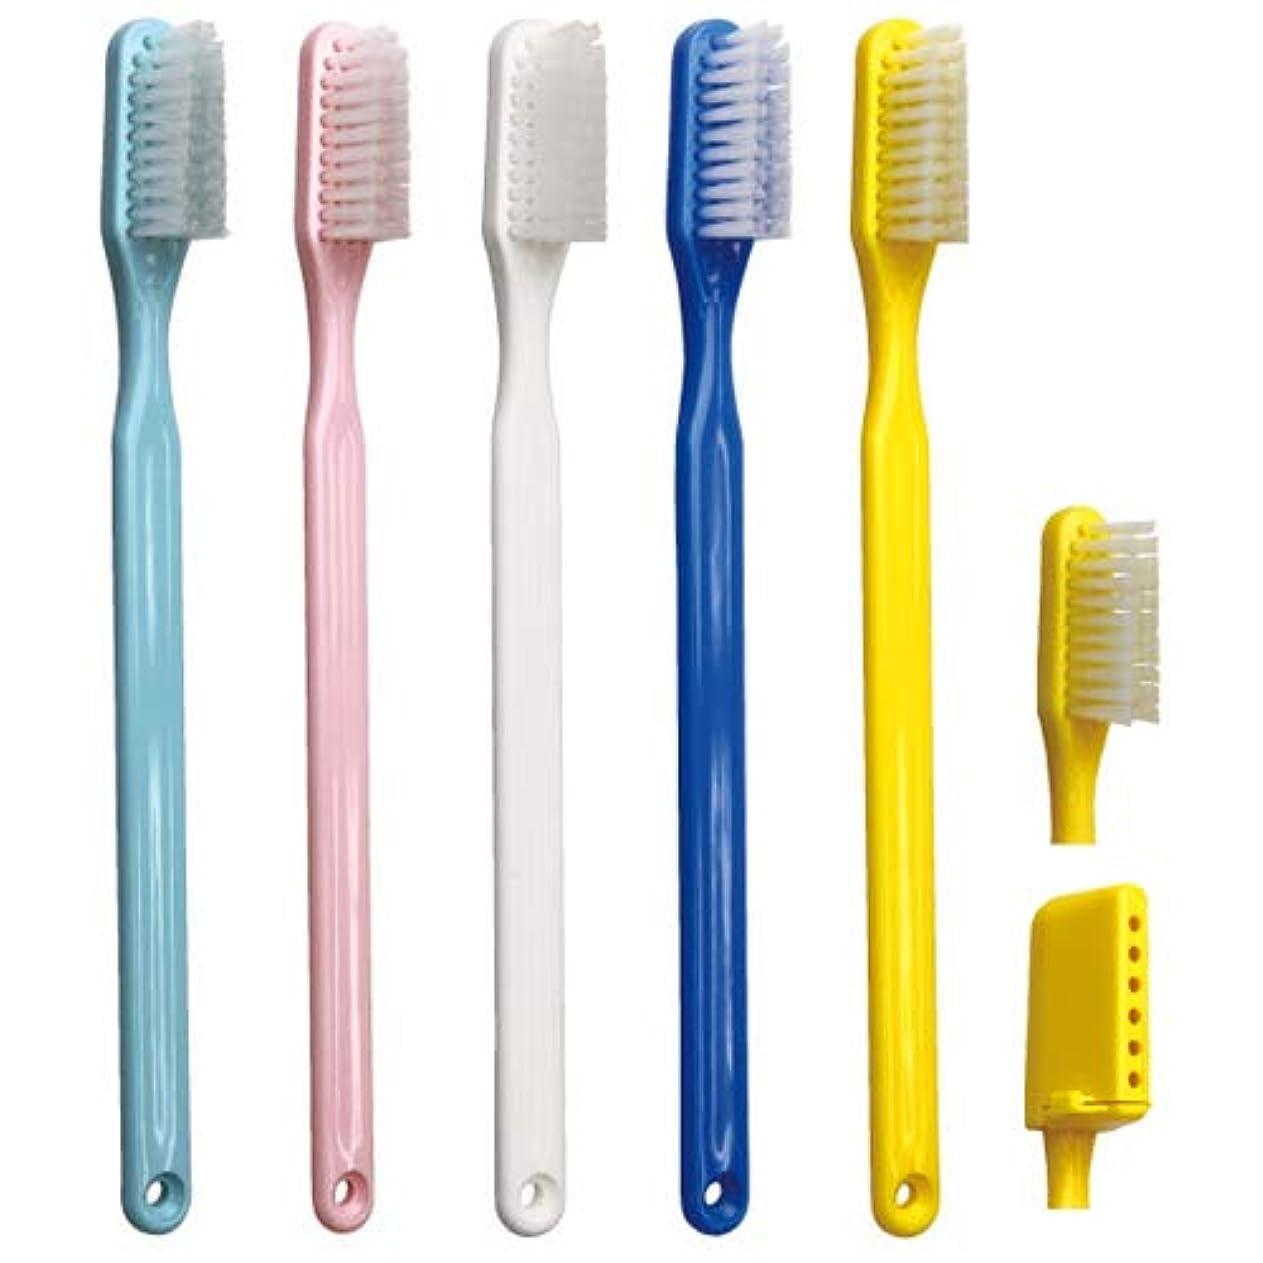 どきどき数値南方の歯科医院専用商品 PHB 歯ブラシ アダルト5本セット( 歯ブラシキャップ付)ライトブルー?ピンク?ホワイト?ネオンブルー?イエロー